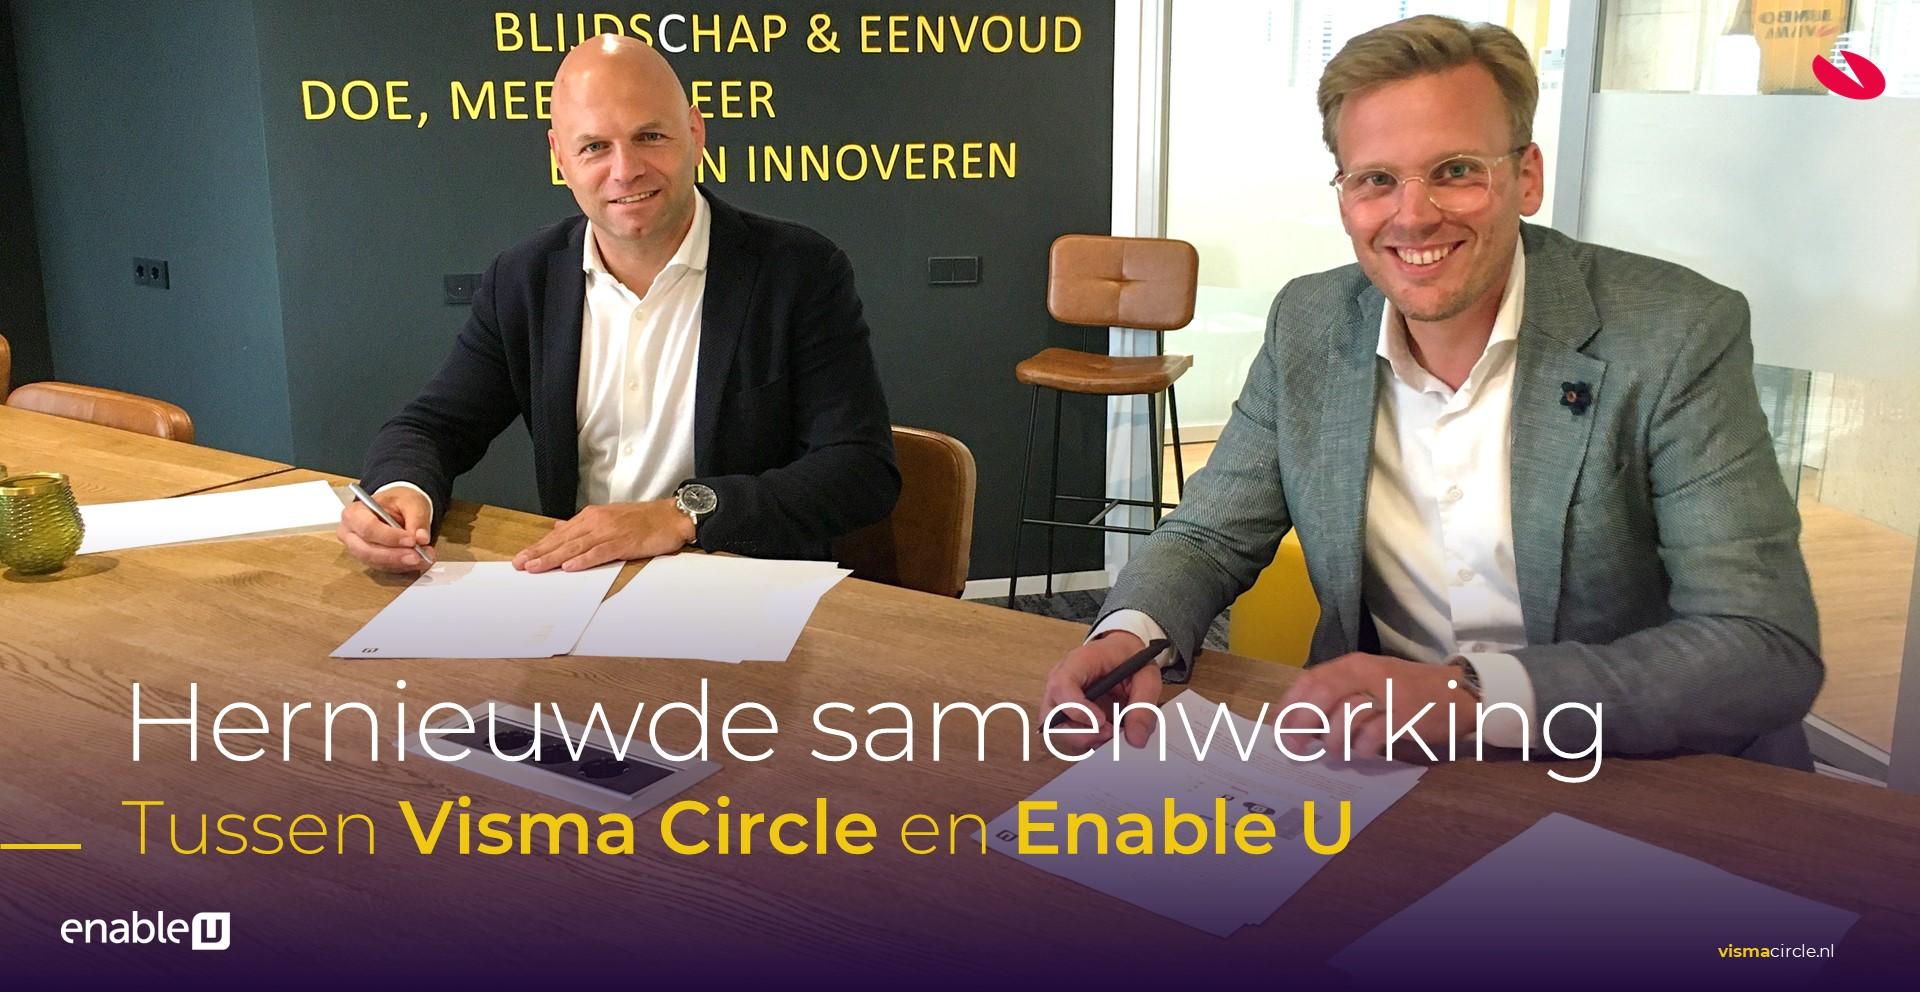 Hernieuwde samenwerking tussen Visma Circle en Enable U